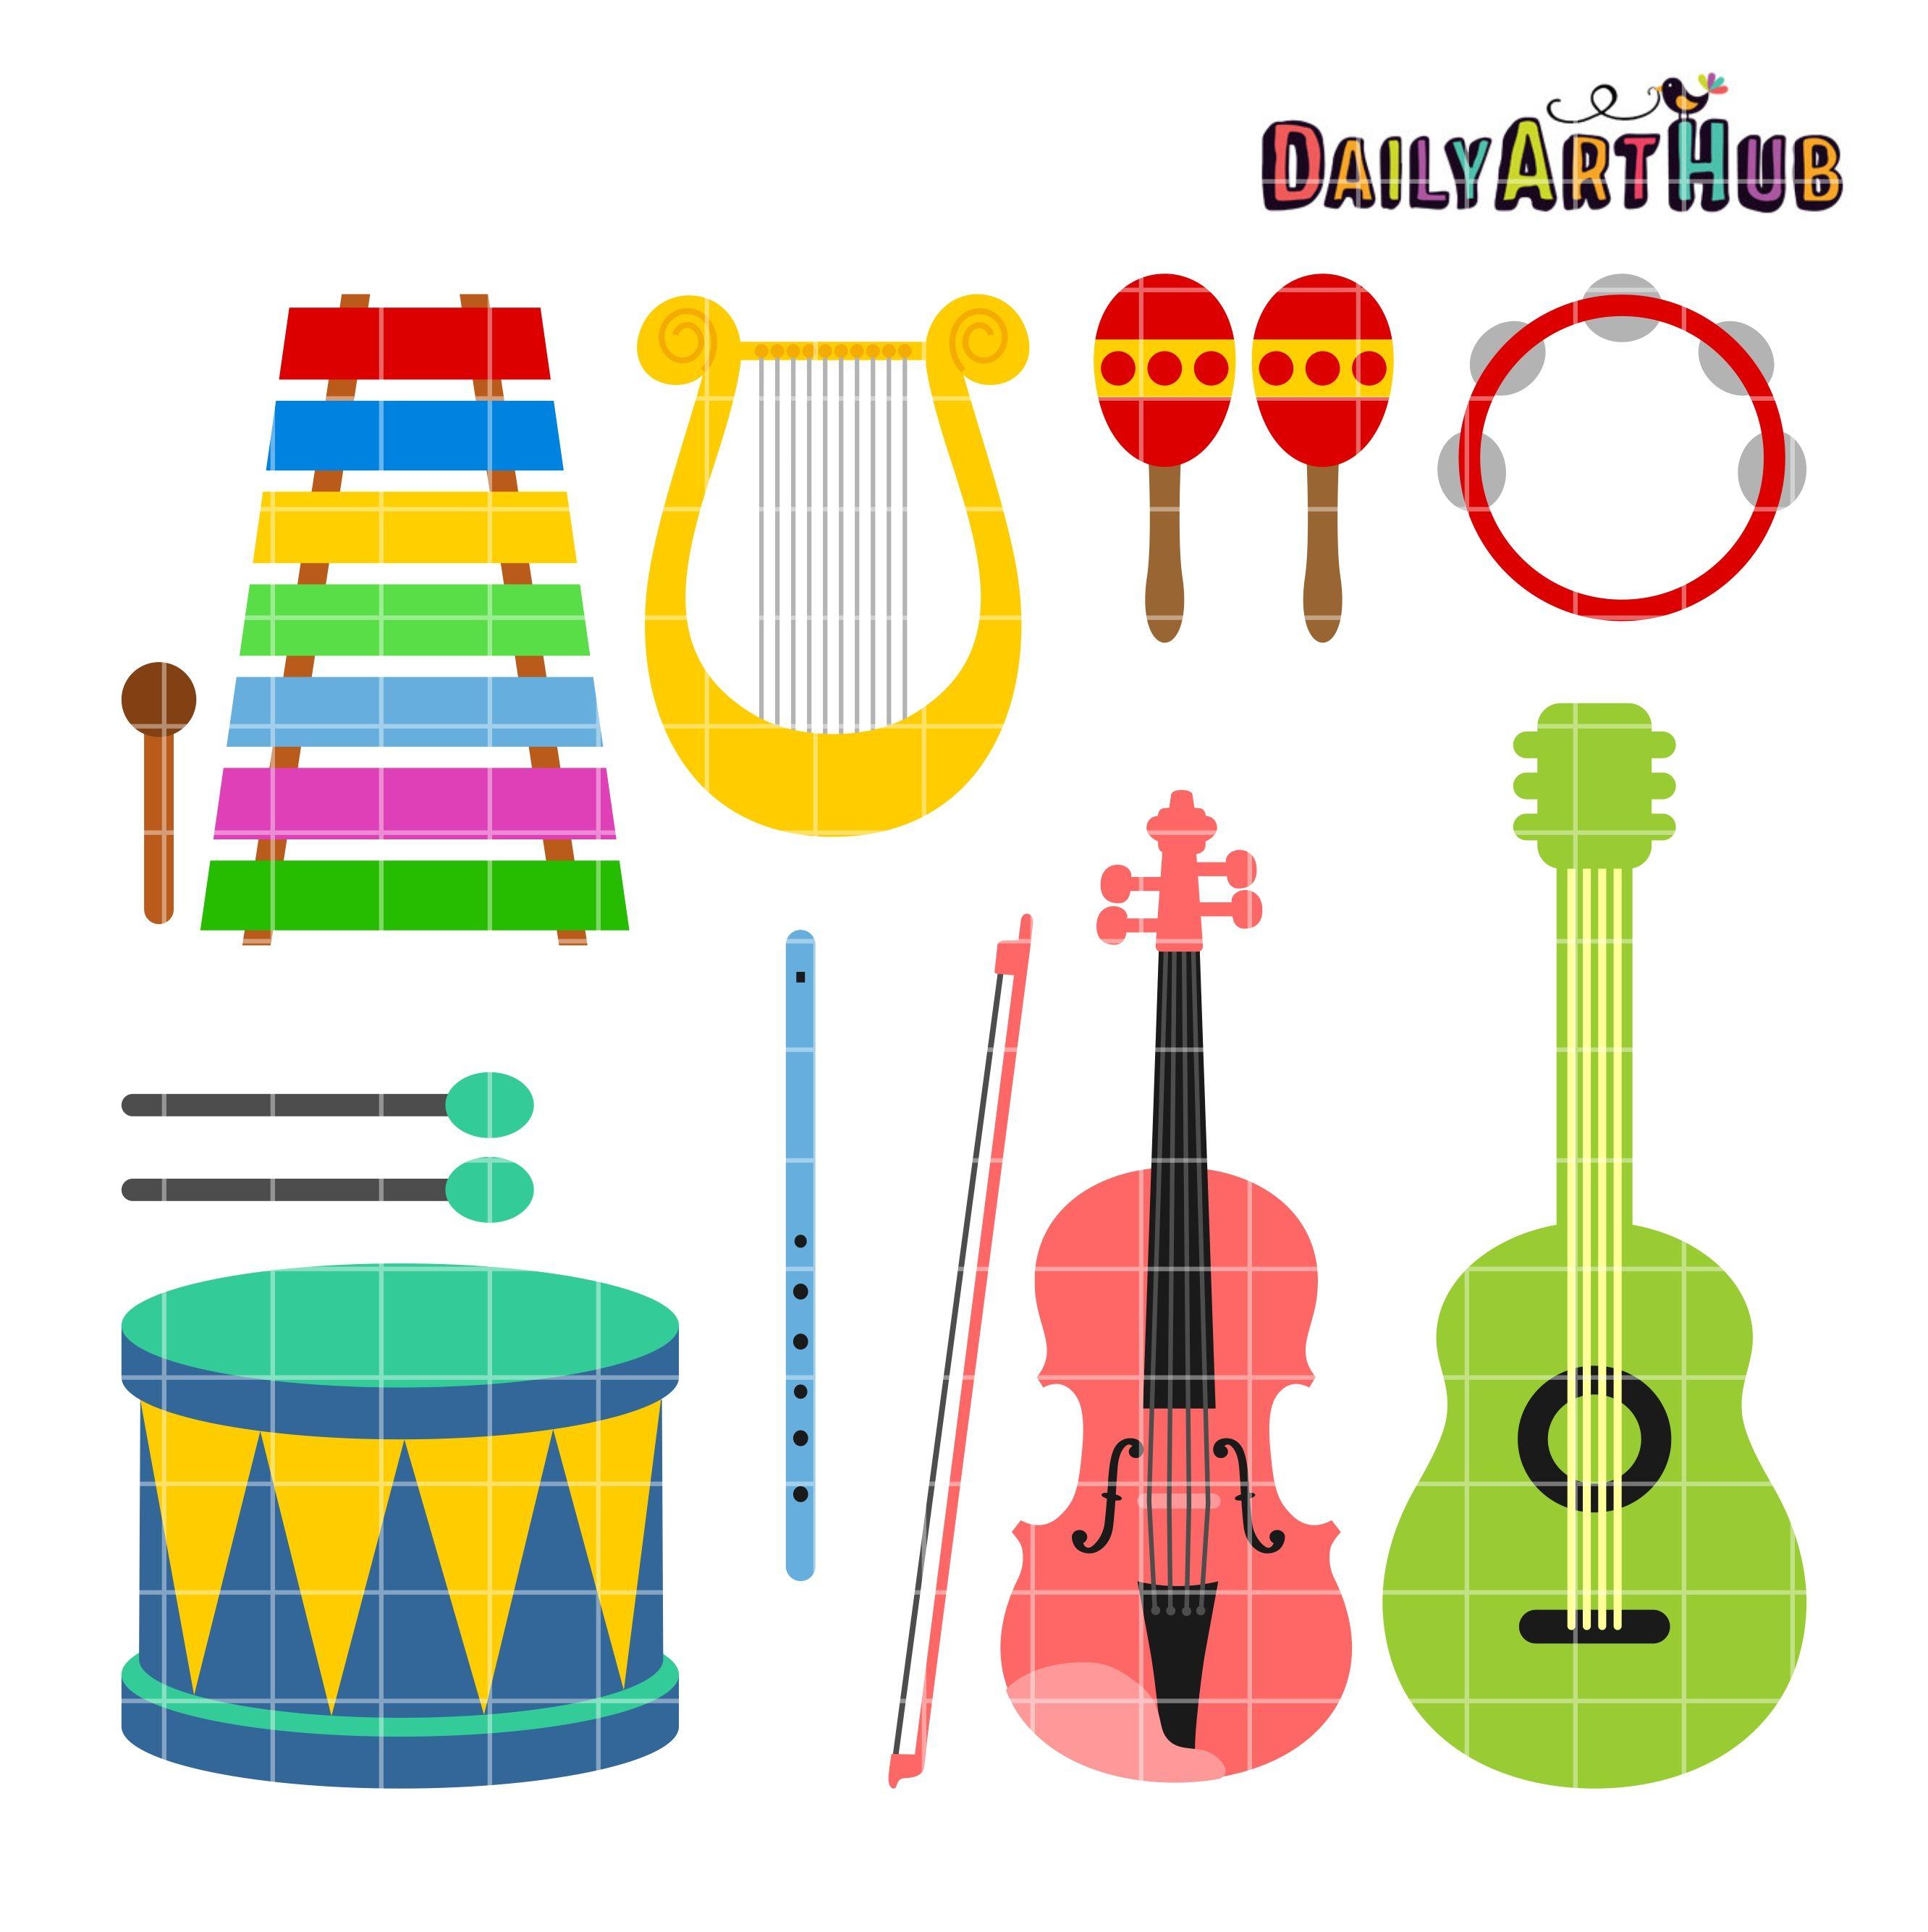 Musical Instruments Clip Art Set Daily Art Hub Free Clip Art Everyday Clip Art Art Set Free Clip Art